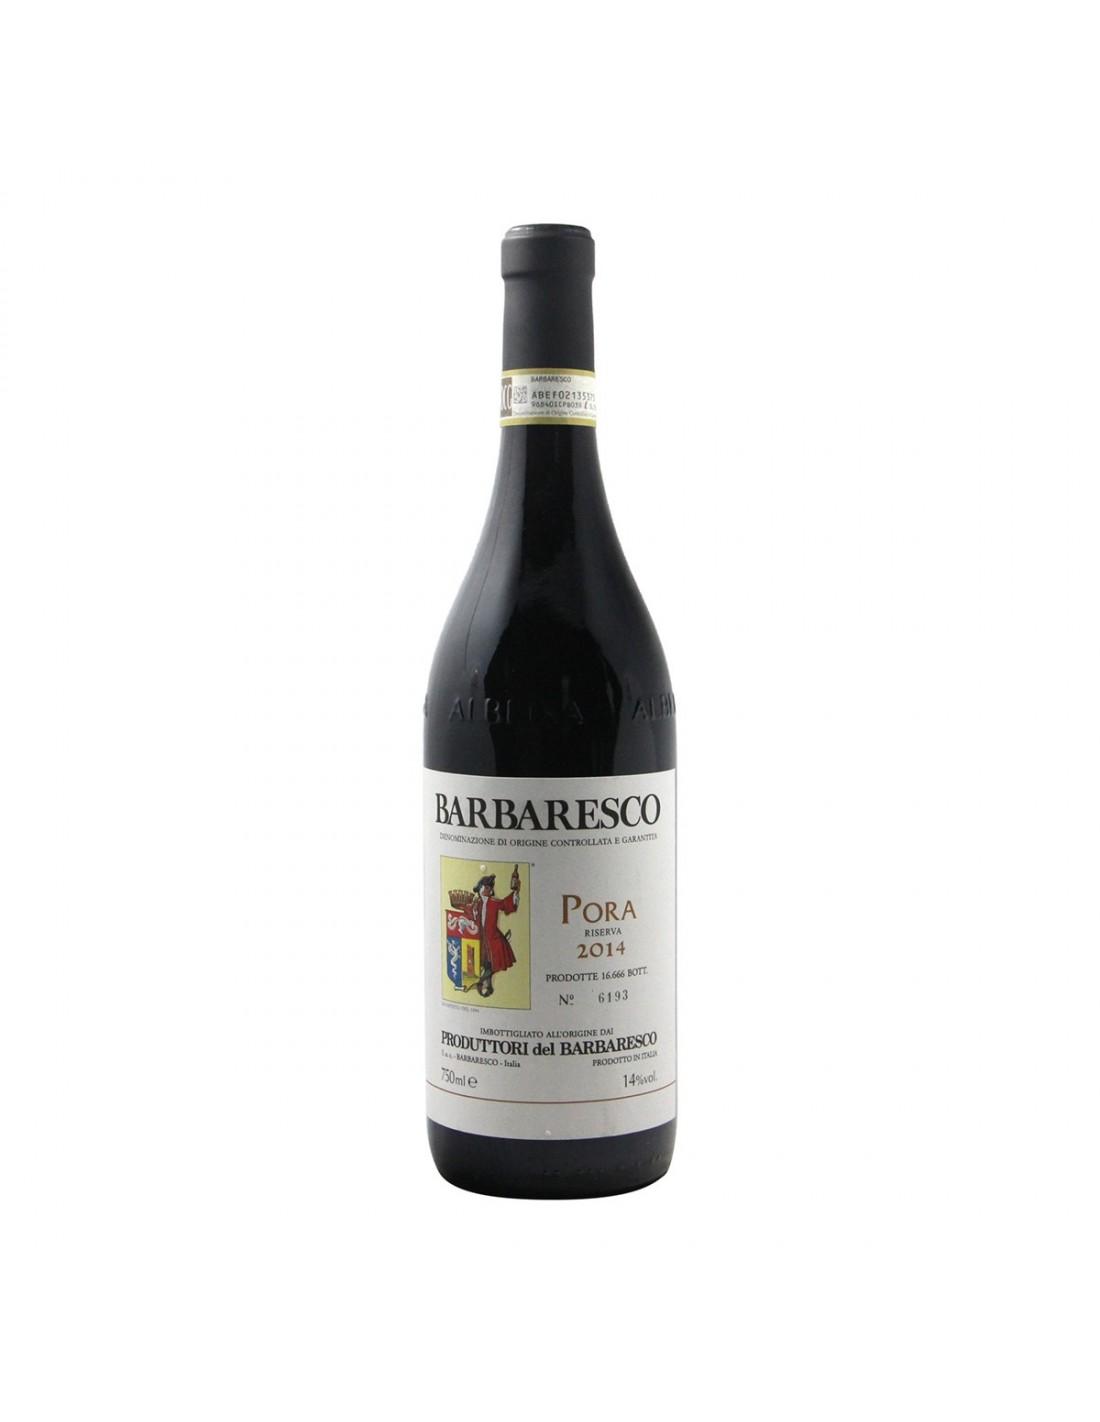 BARBARESCO PORA RISERVA 2014 PRODUTTORI DEL BARBARESCO Grandi Bottiglie